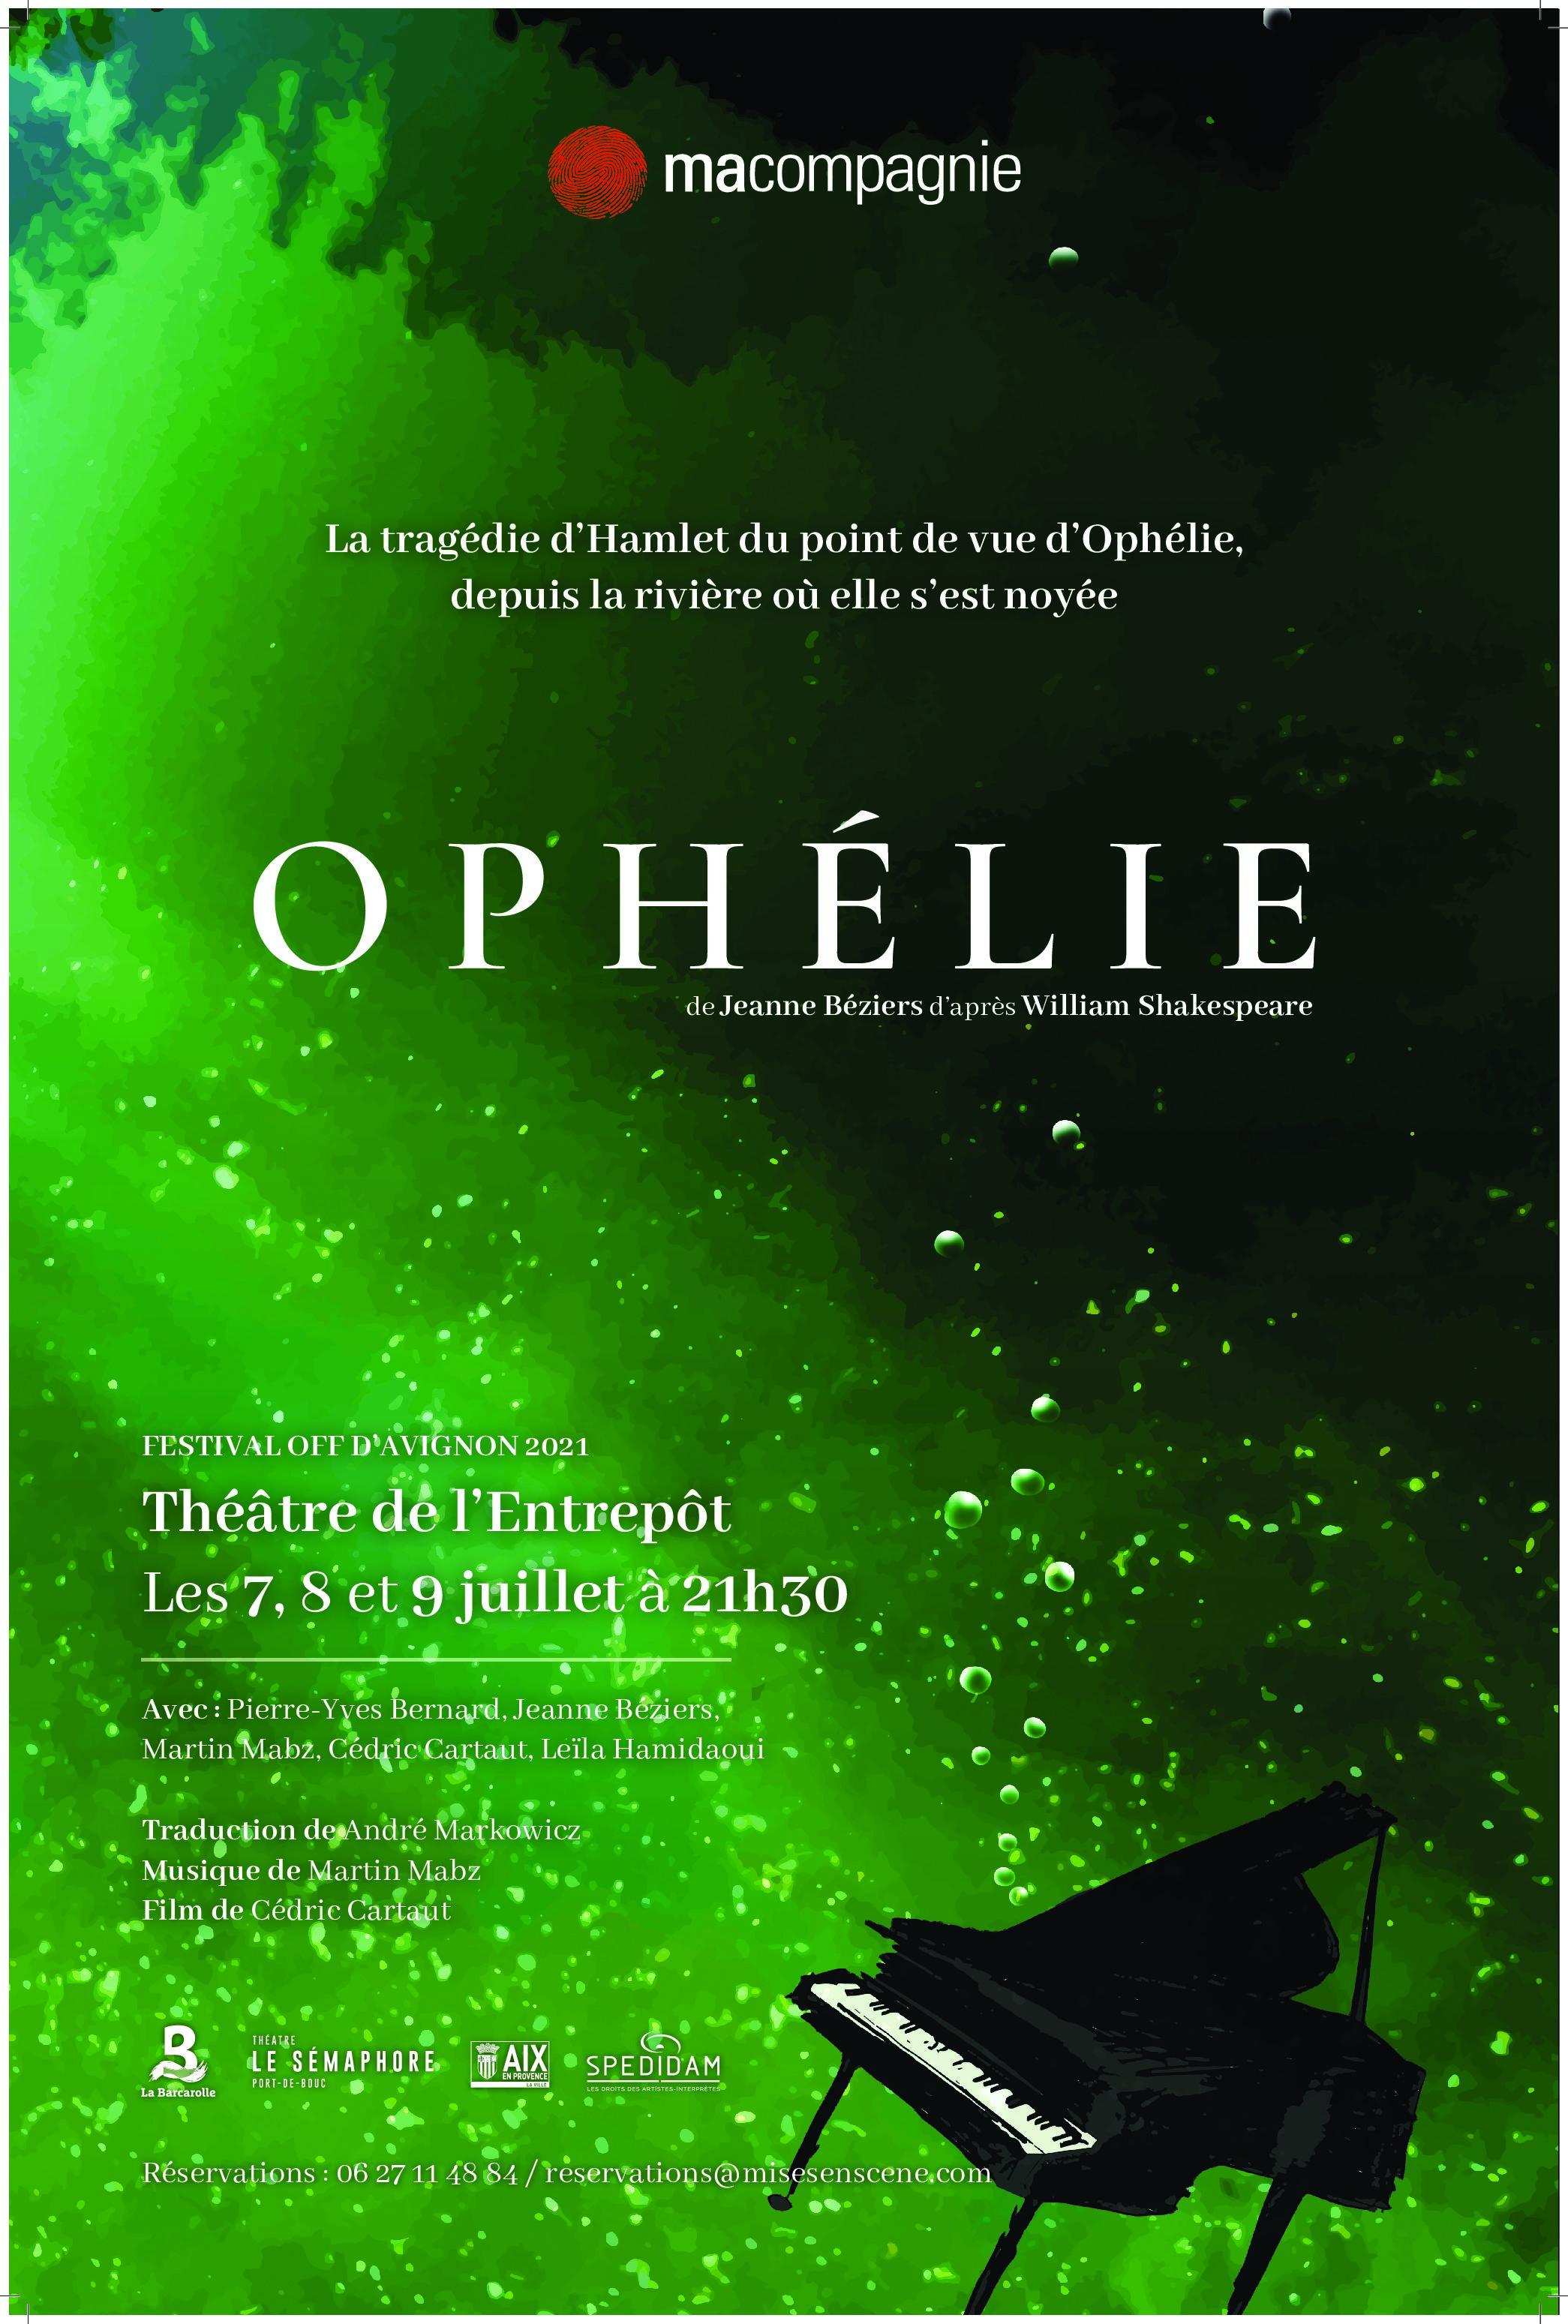 OPHELIE Théâtre de l'Entrepot // Avignon. 21 // Diffusion